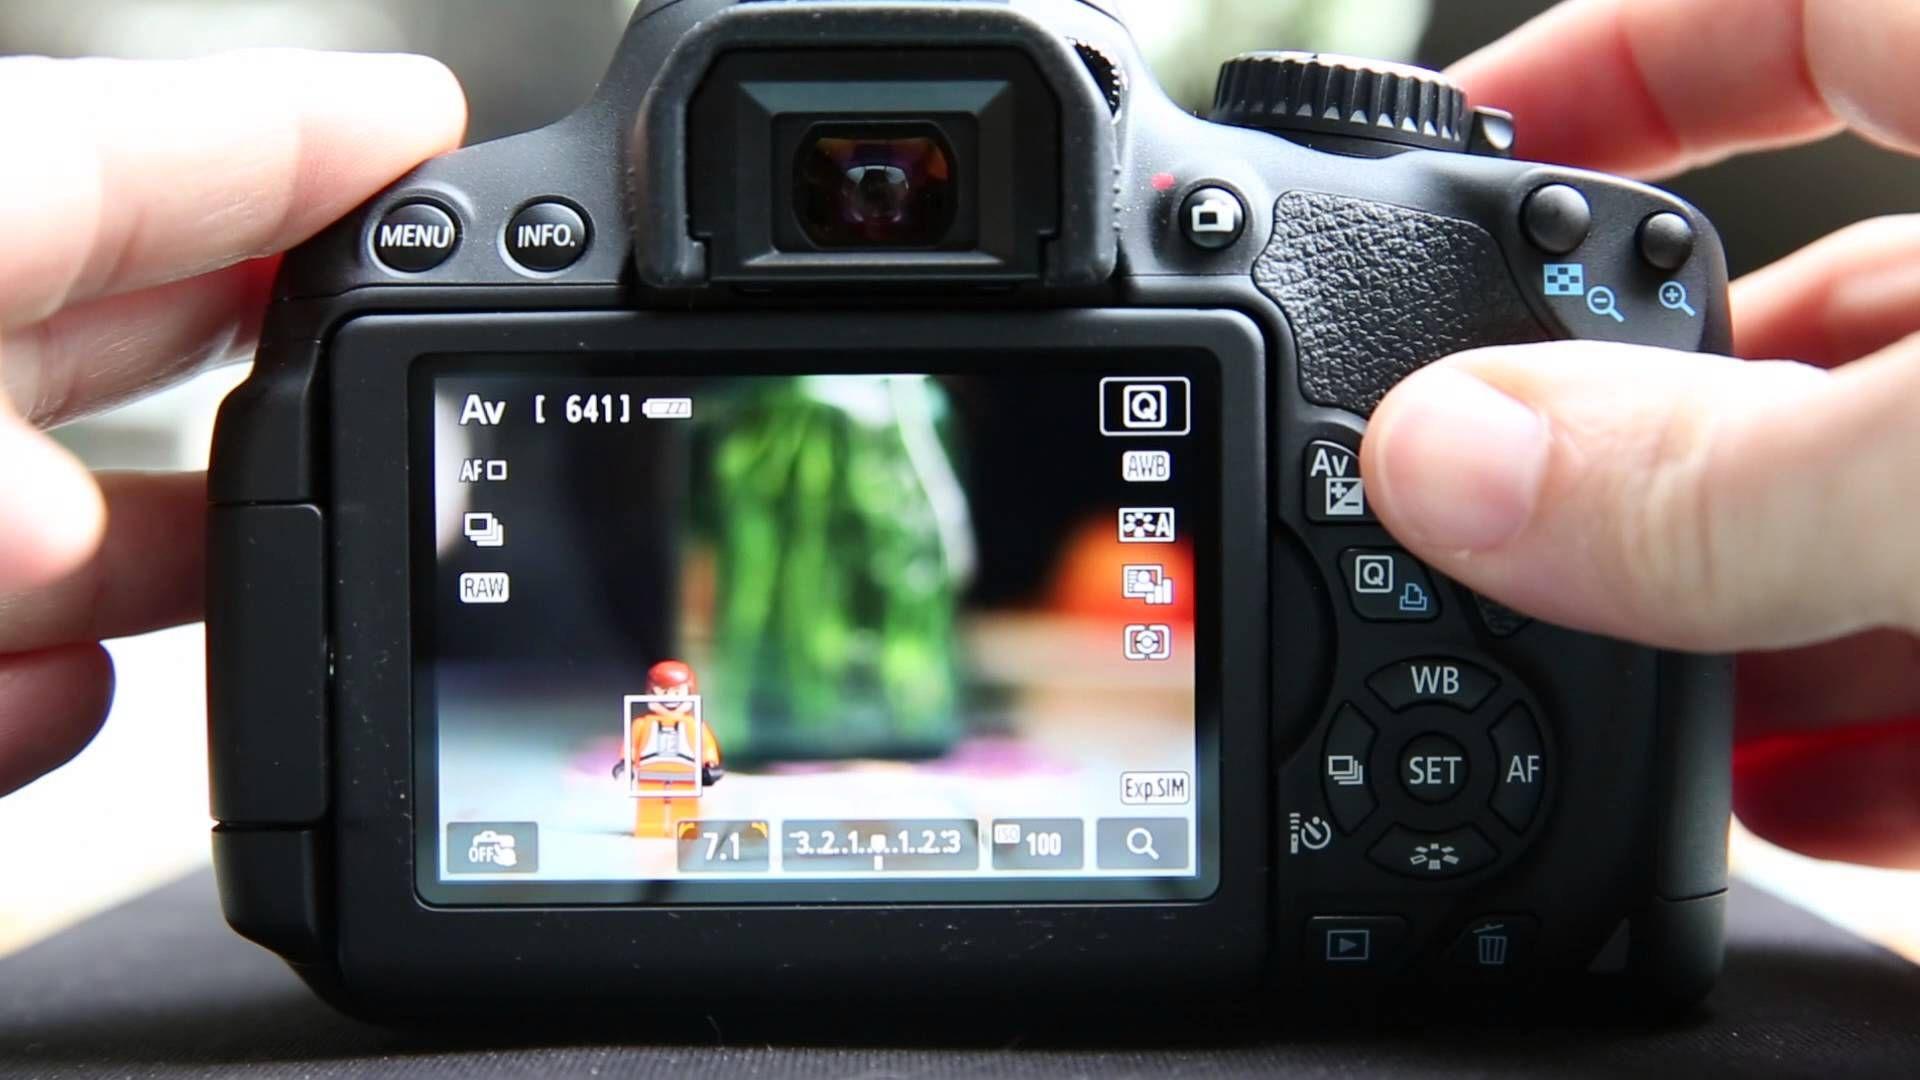 профиля, как пользоваться функциями на фотоаппарате кэнон паук черной головой